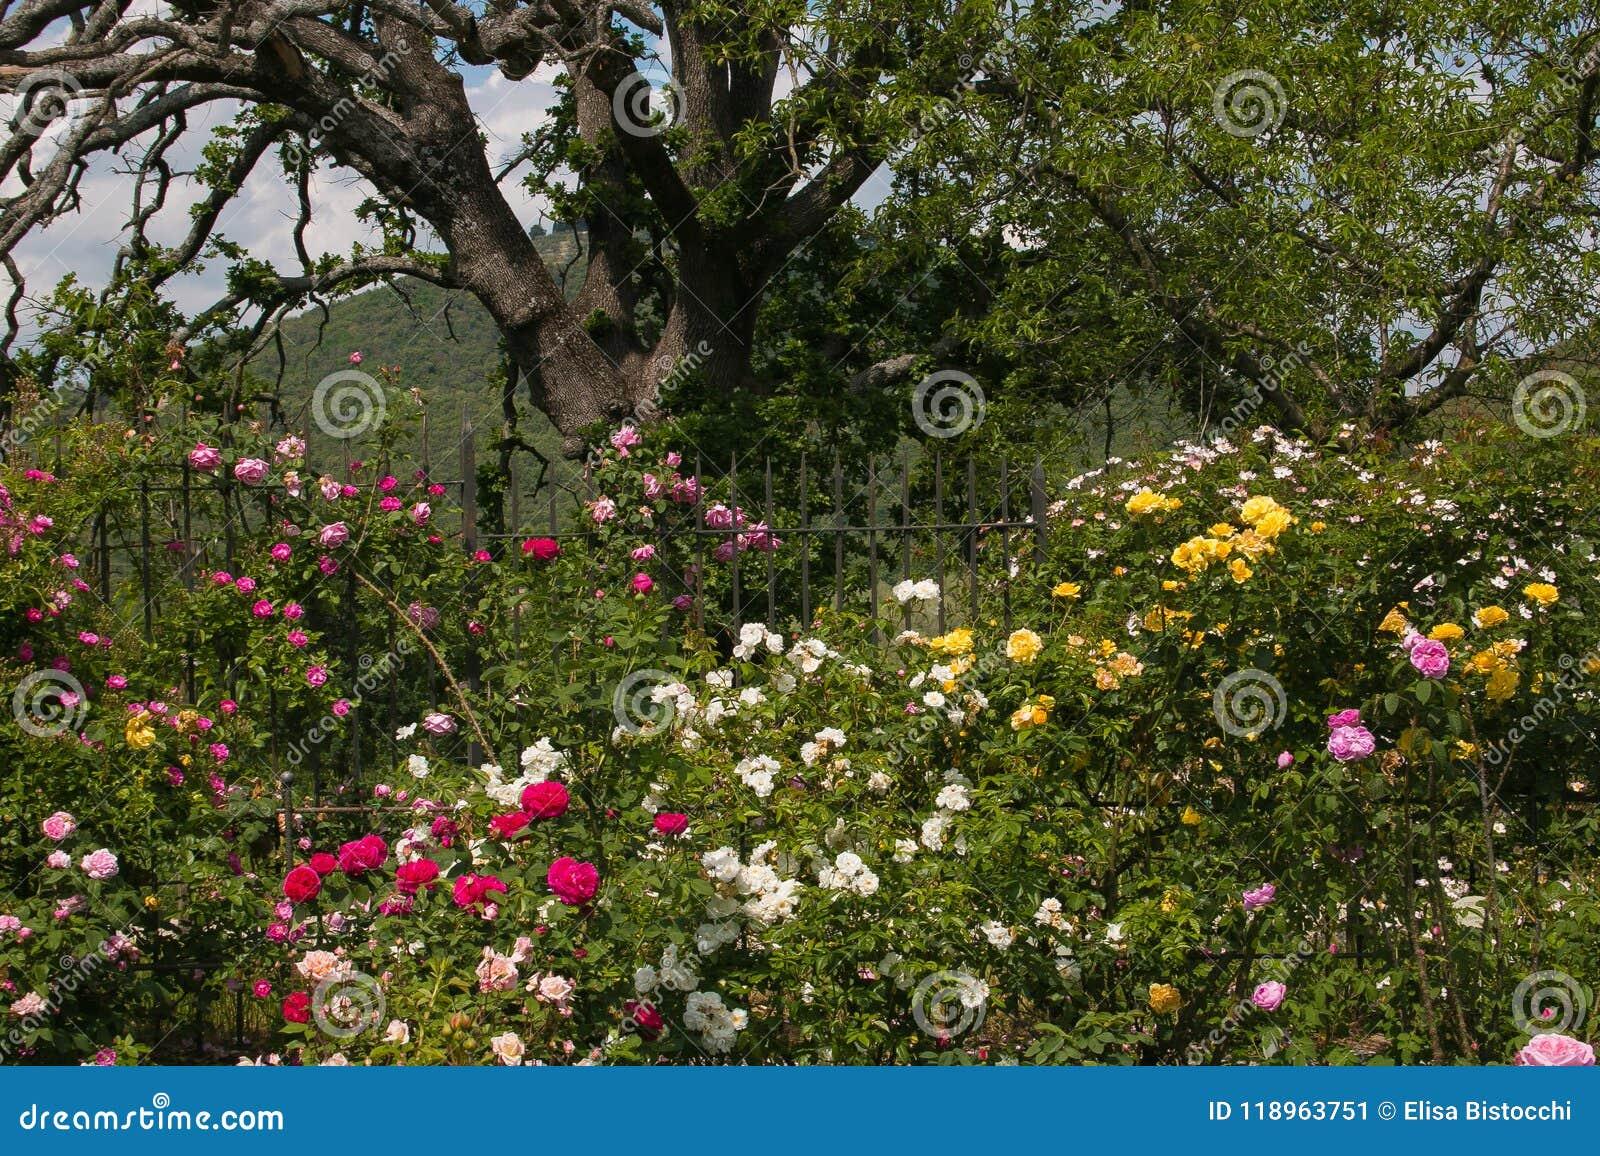 Foto del roble grande en la rosa que cultiva un huerto - Fotos del roble ...